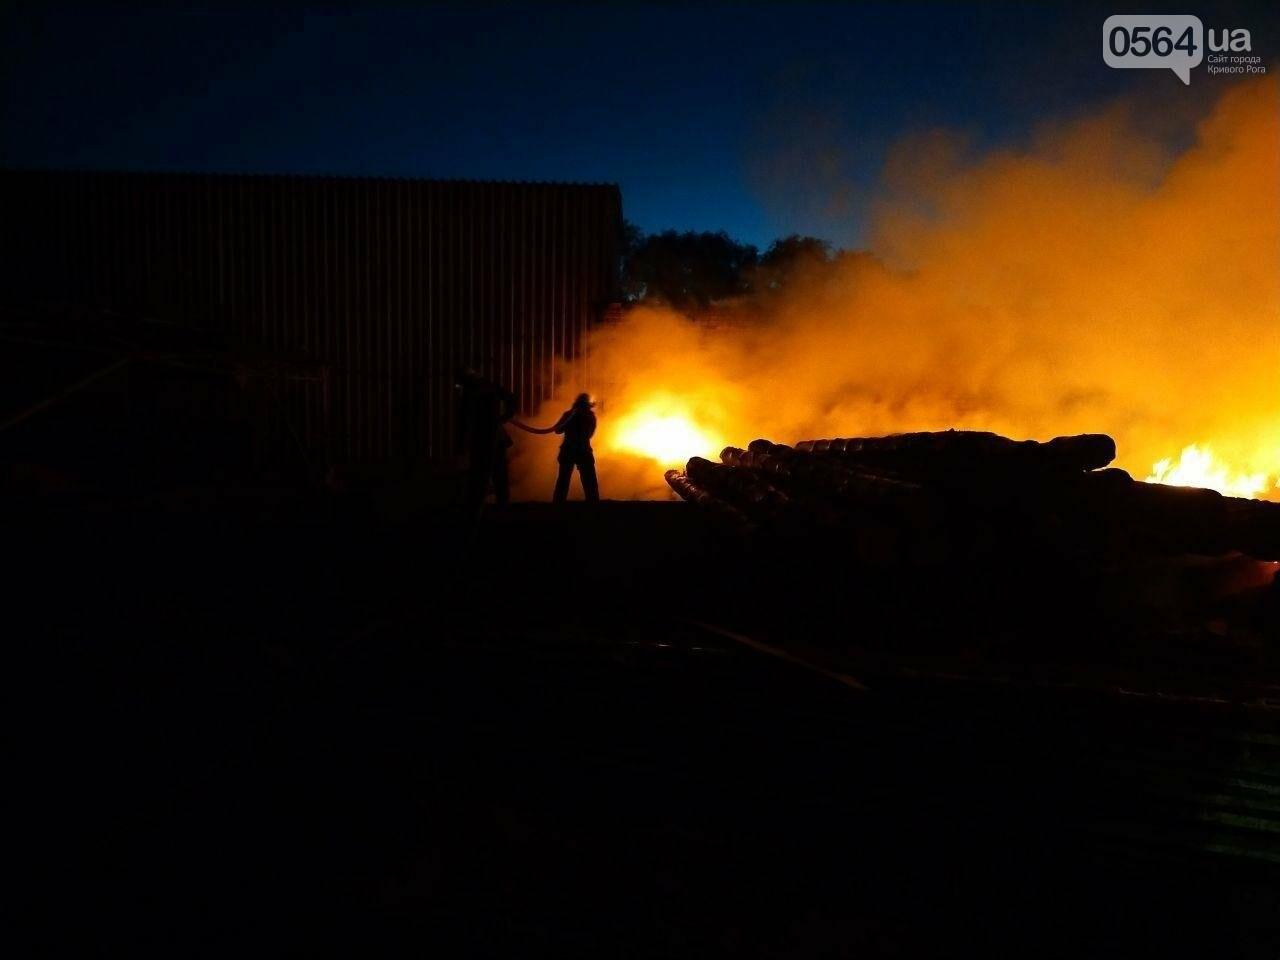 На деревообрабатывающем предприятии Кривого Рога огонь уничтожил несколько сотен квадратных метров бруса, - ФОТО, ВИДЕО, фото-4